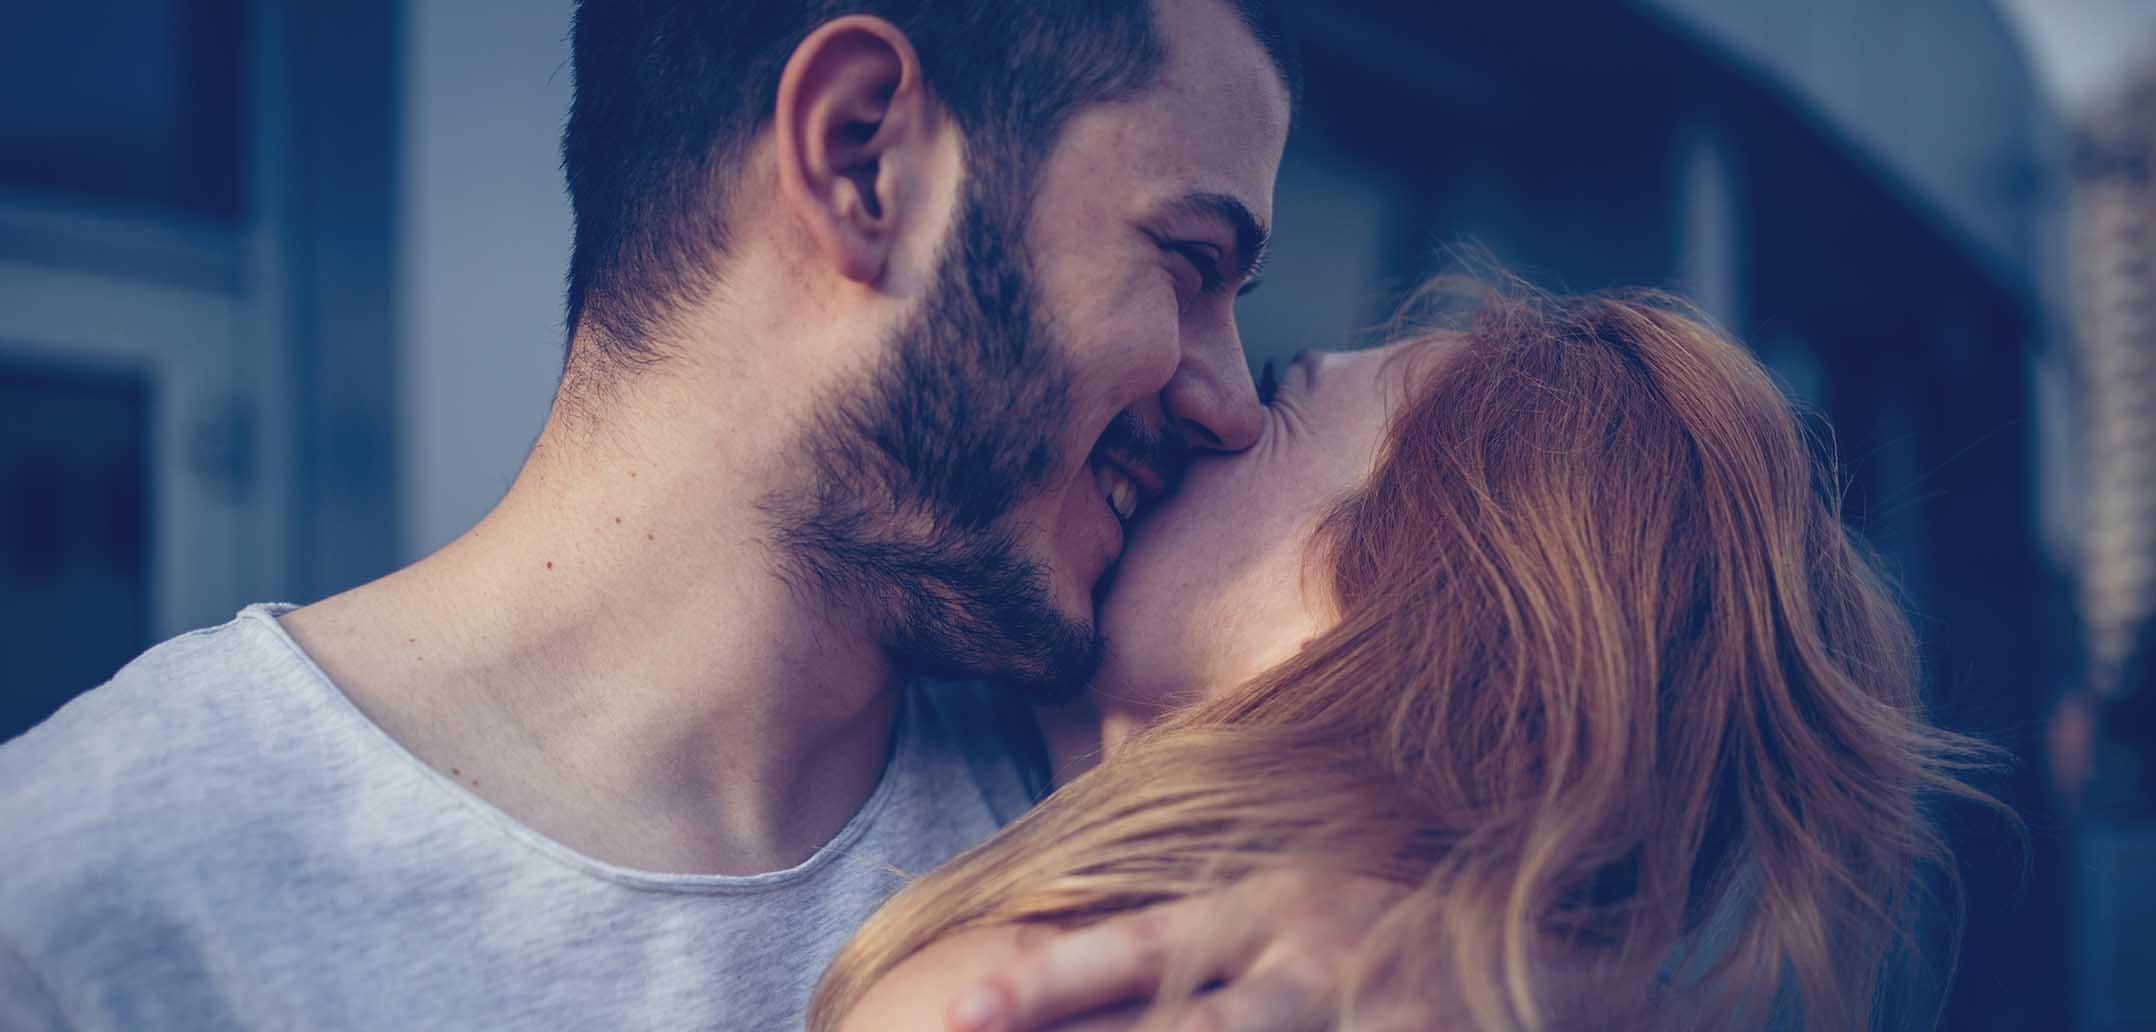 Nach der ersten Verliebtheitsphase muss sich zeigen, ob die Liebe hält